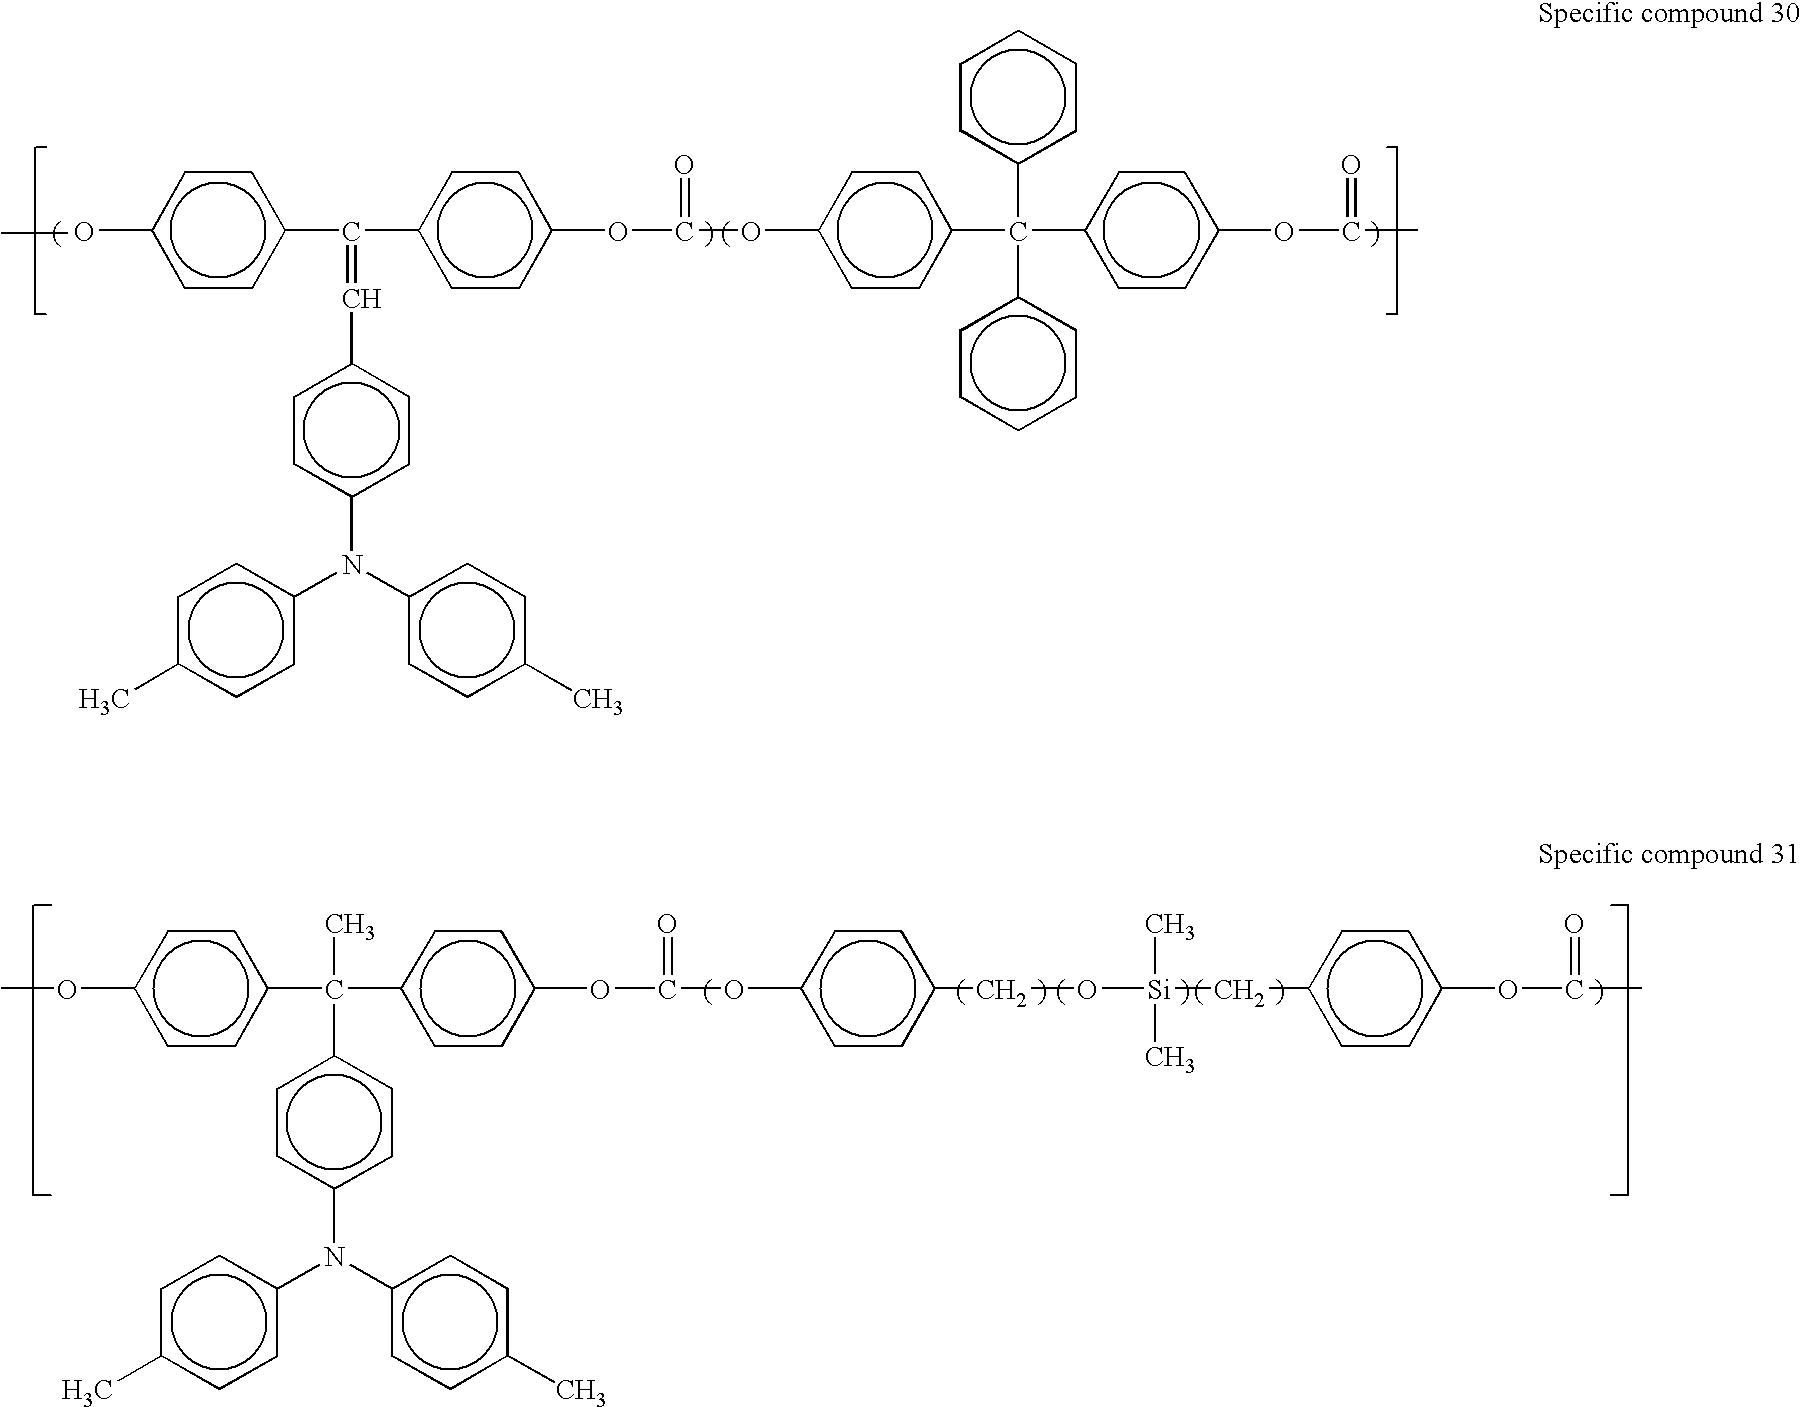 Figure US20040197688A1-20041007-C00021